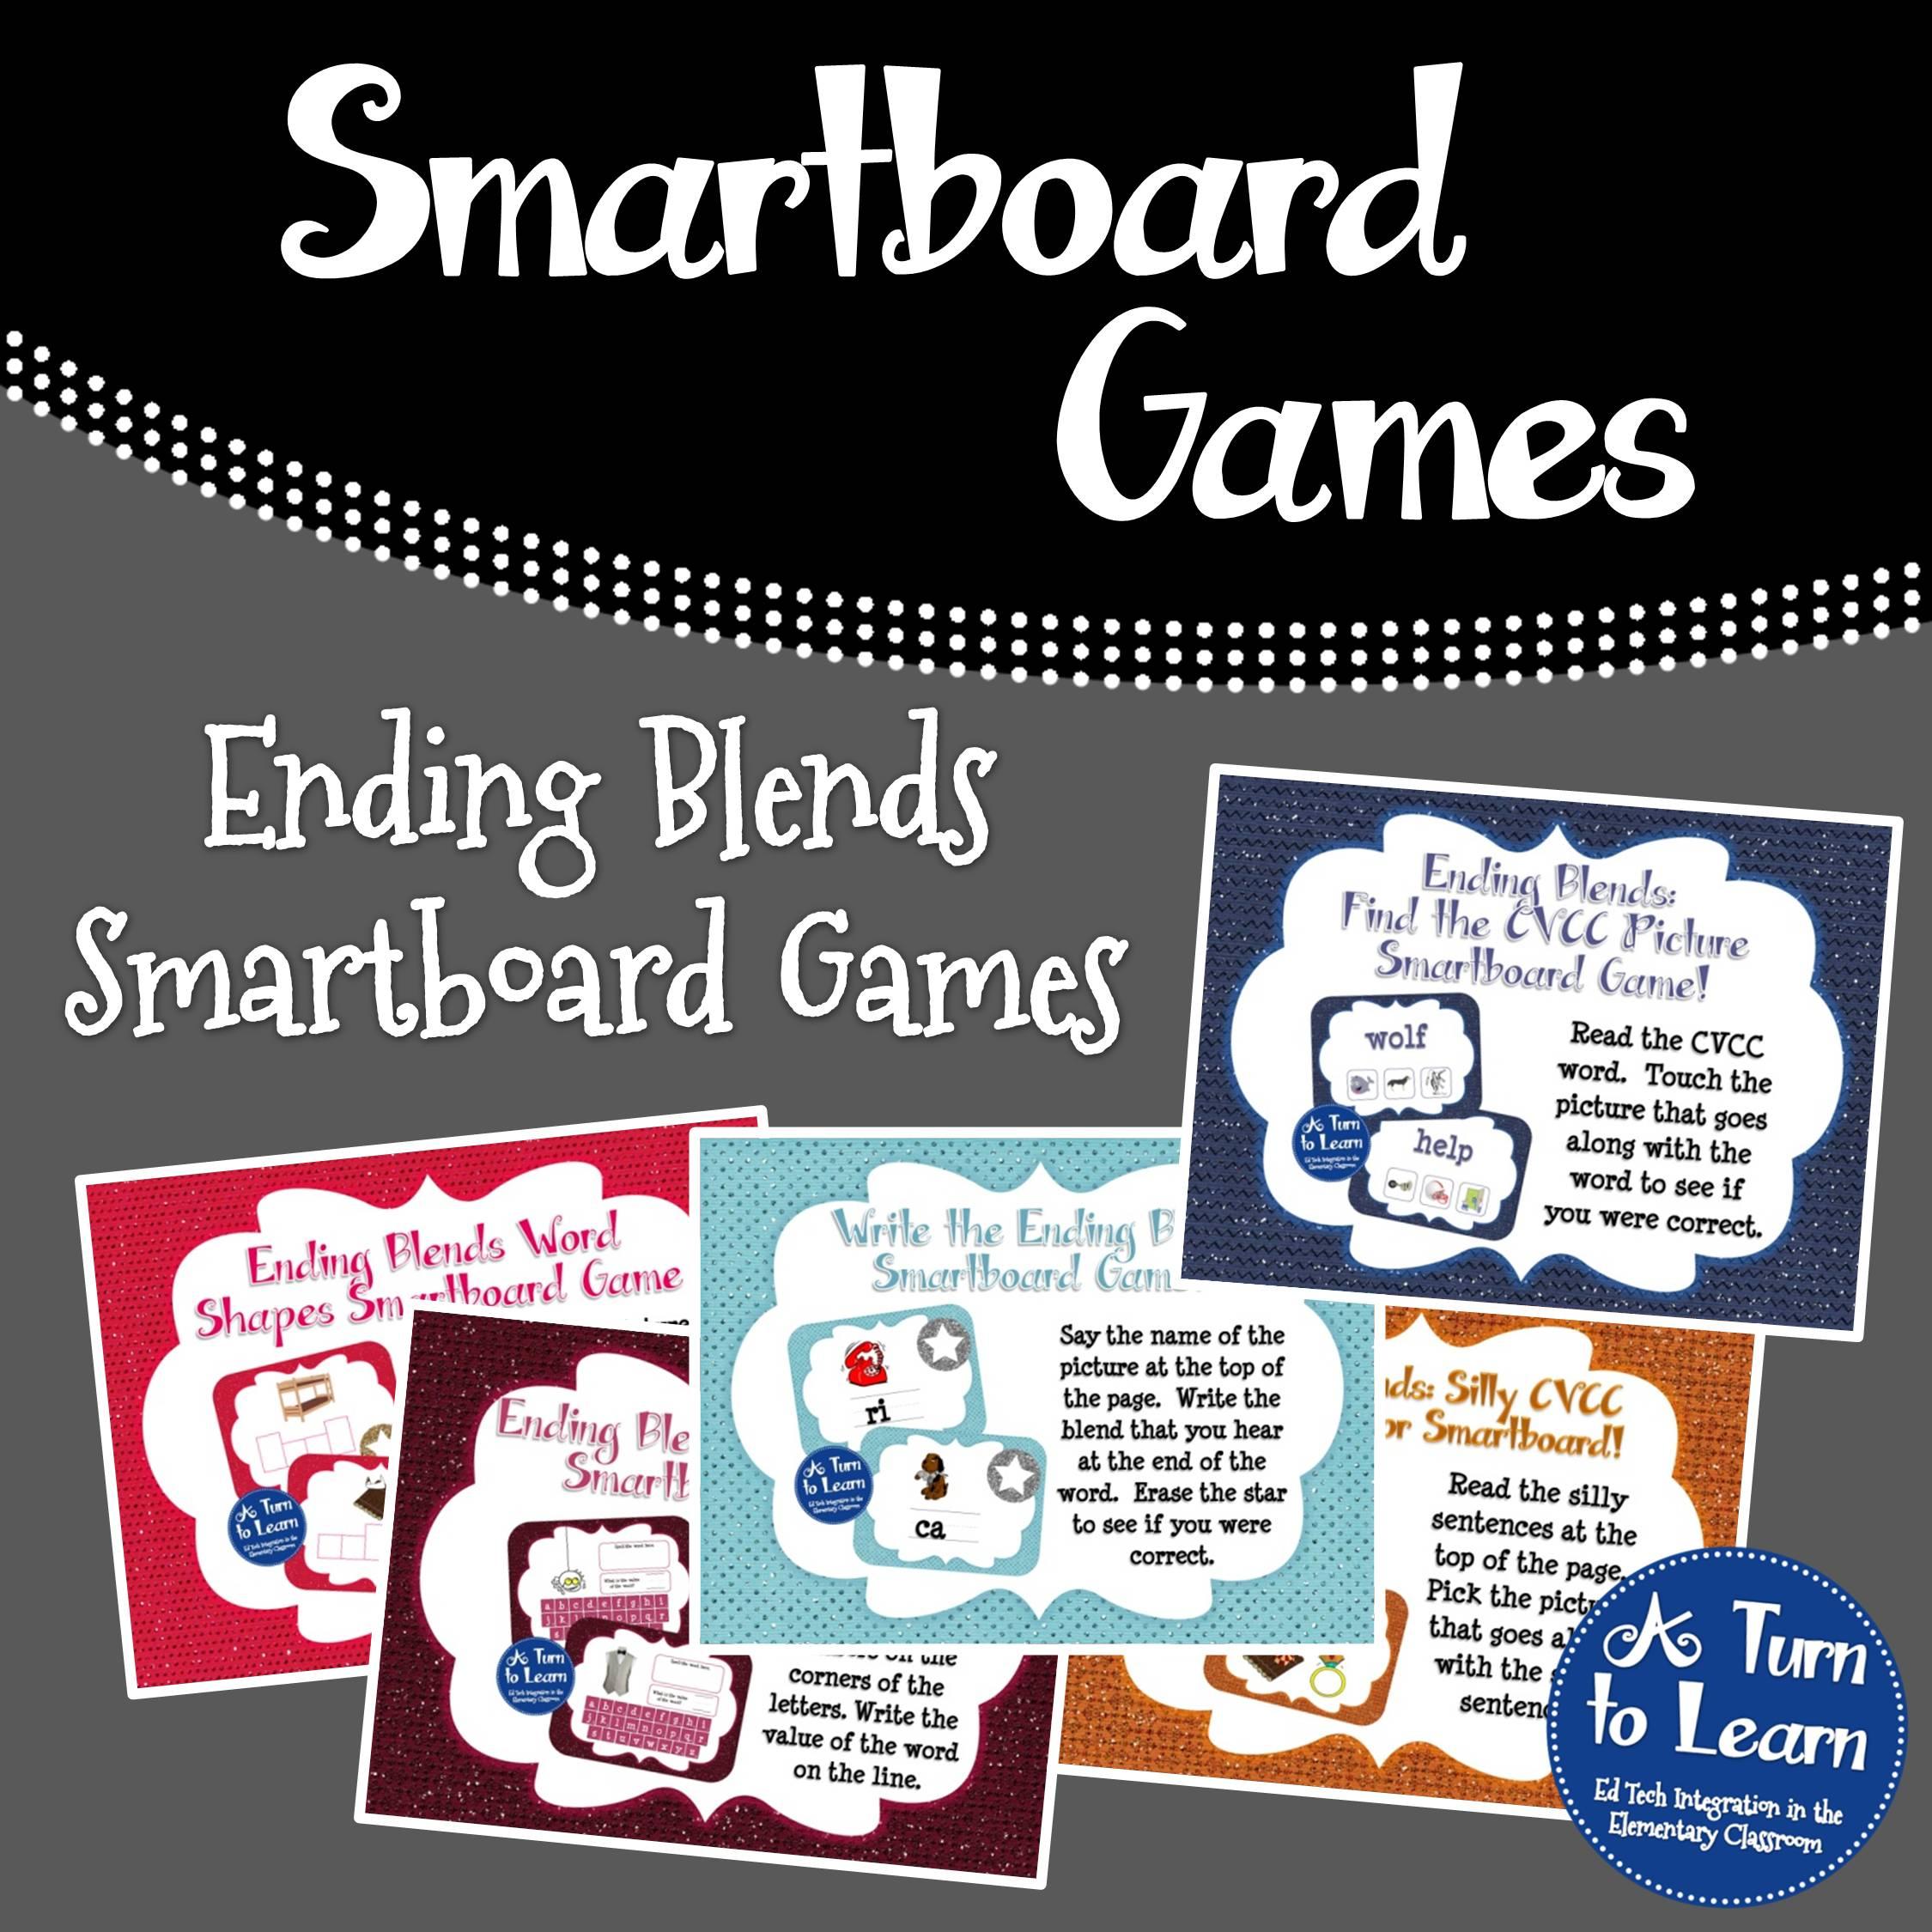 Ending Blends Smartboard Games